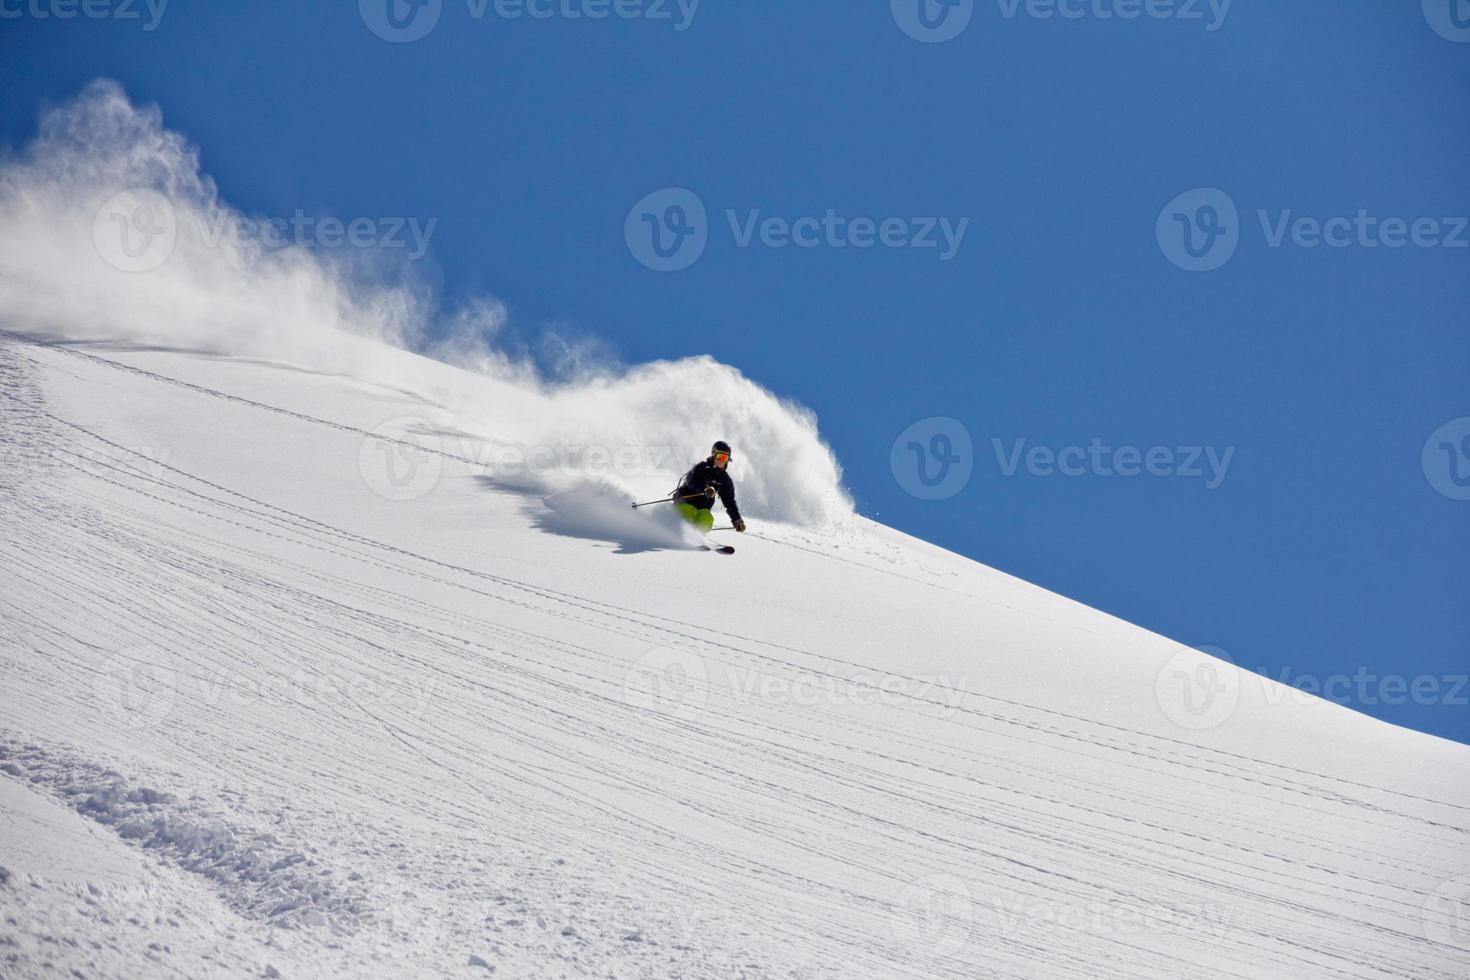 skieur en poudreuse profonde, freeride extrême photo